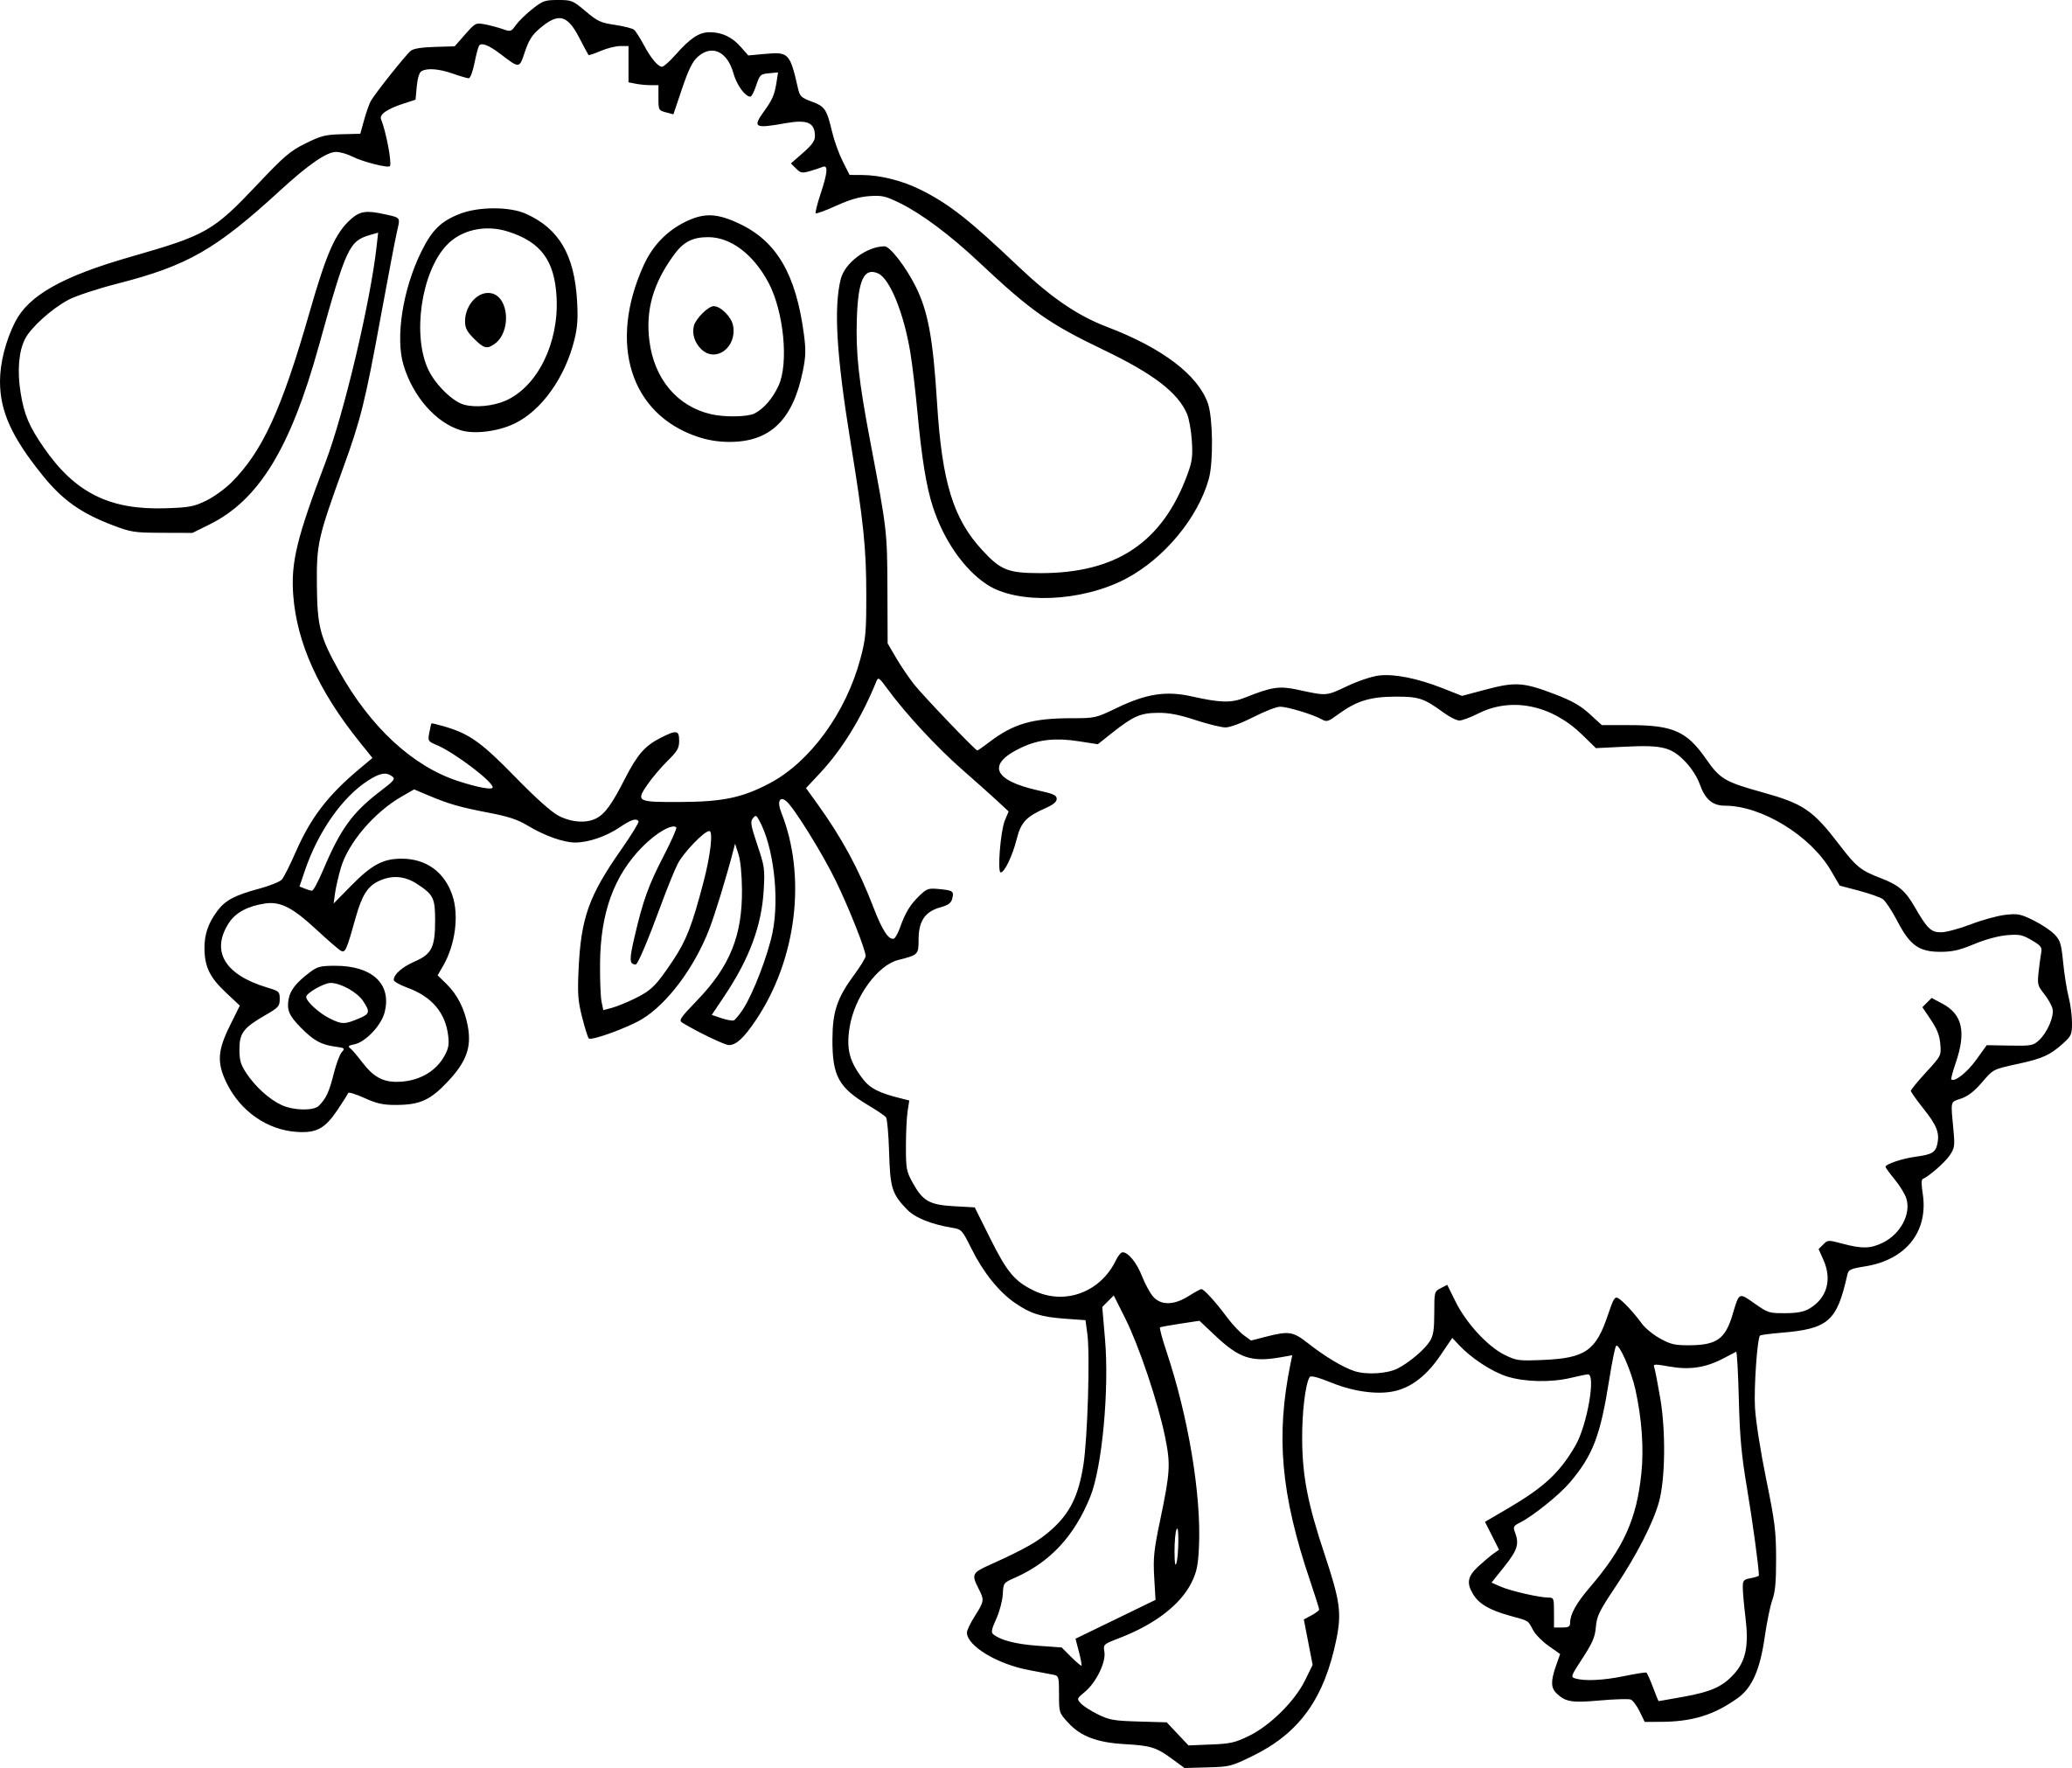 Coloriage mouton et dessin imprimer - Mouton a dessiner ...